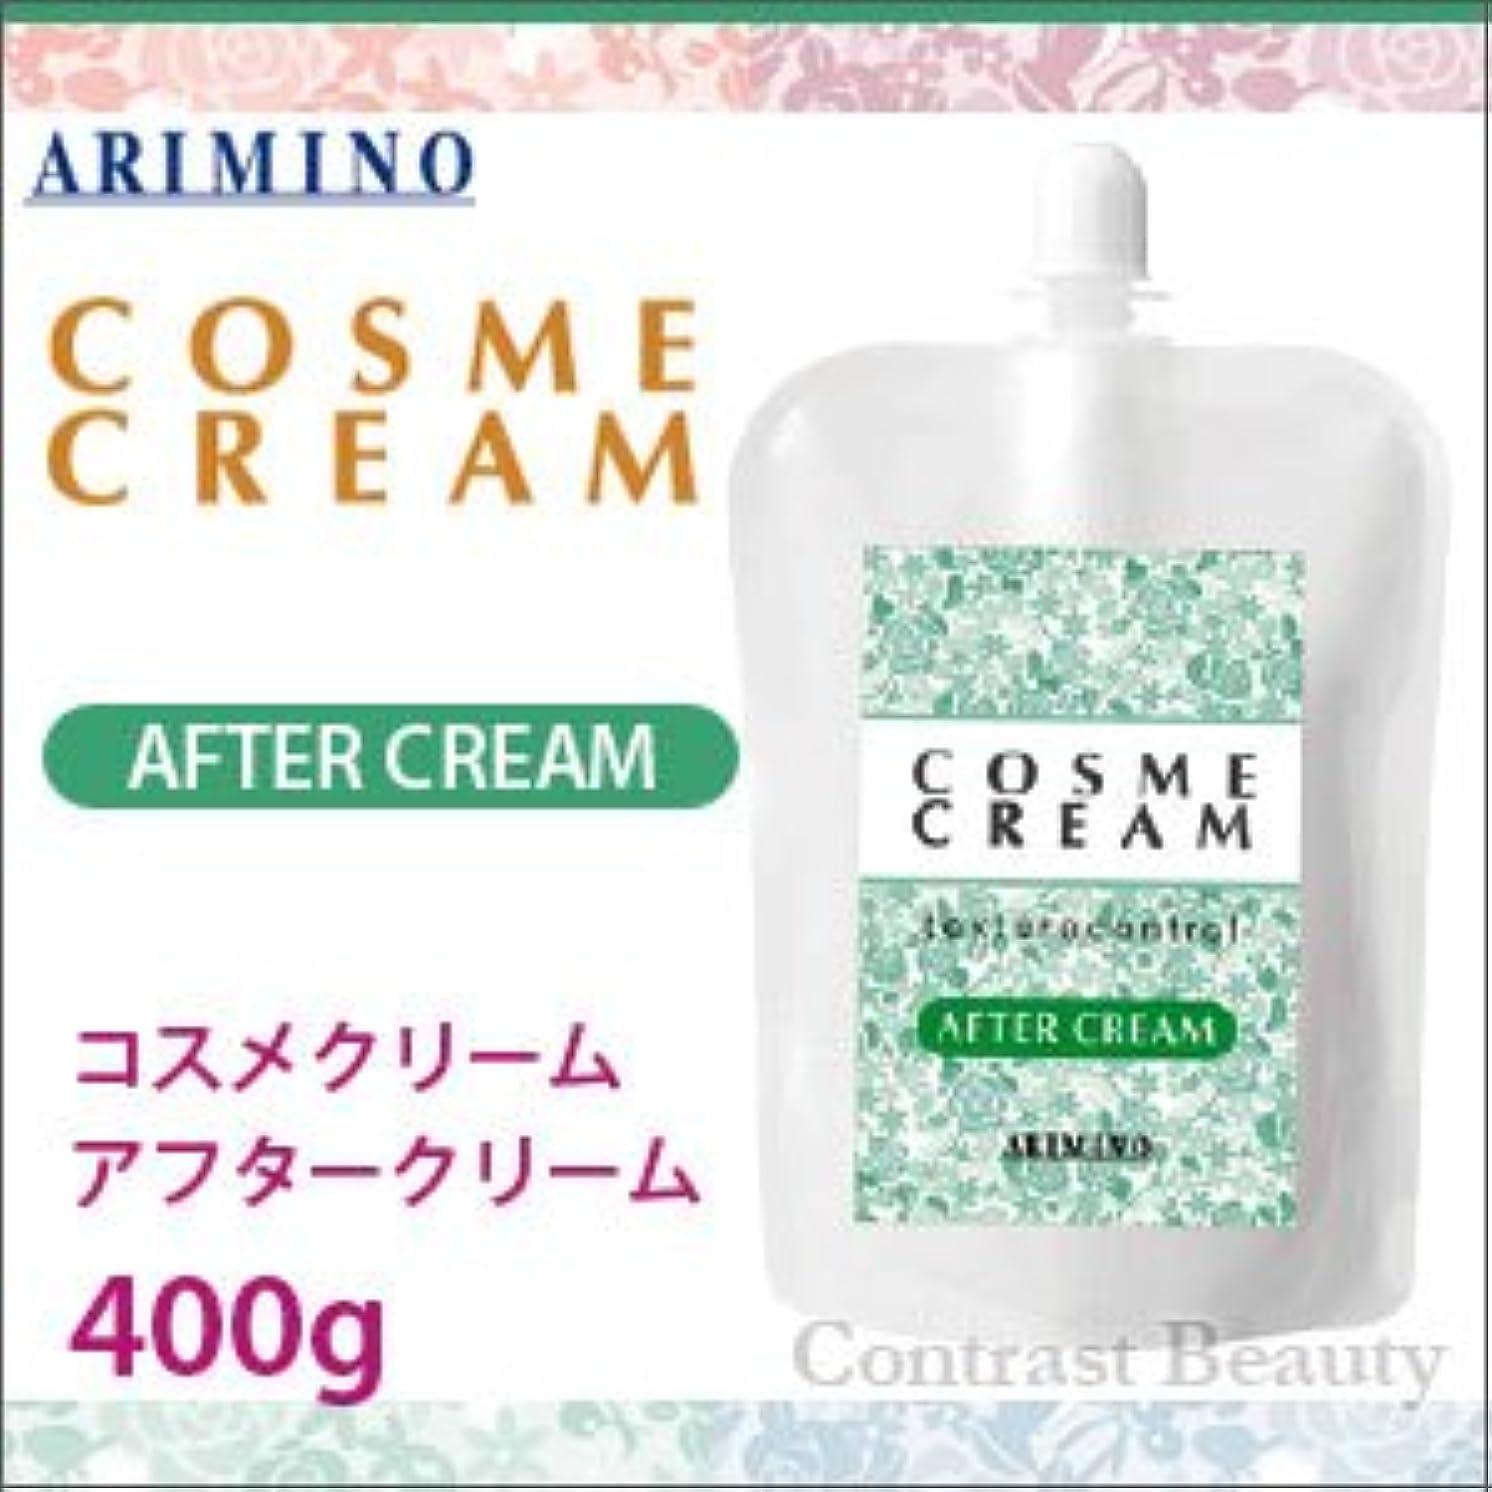 ソート突破口スポークスマン【X5個セット】 アリミノ コスメクリーム アフタークリーム 400g